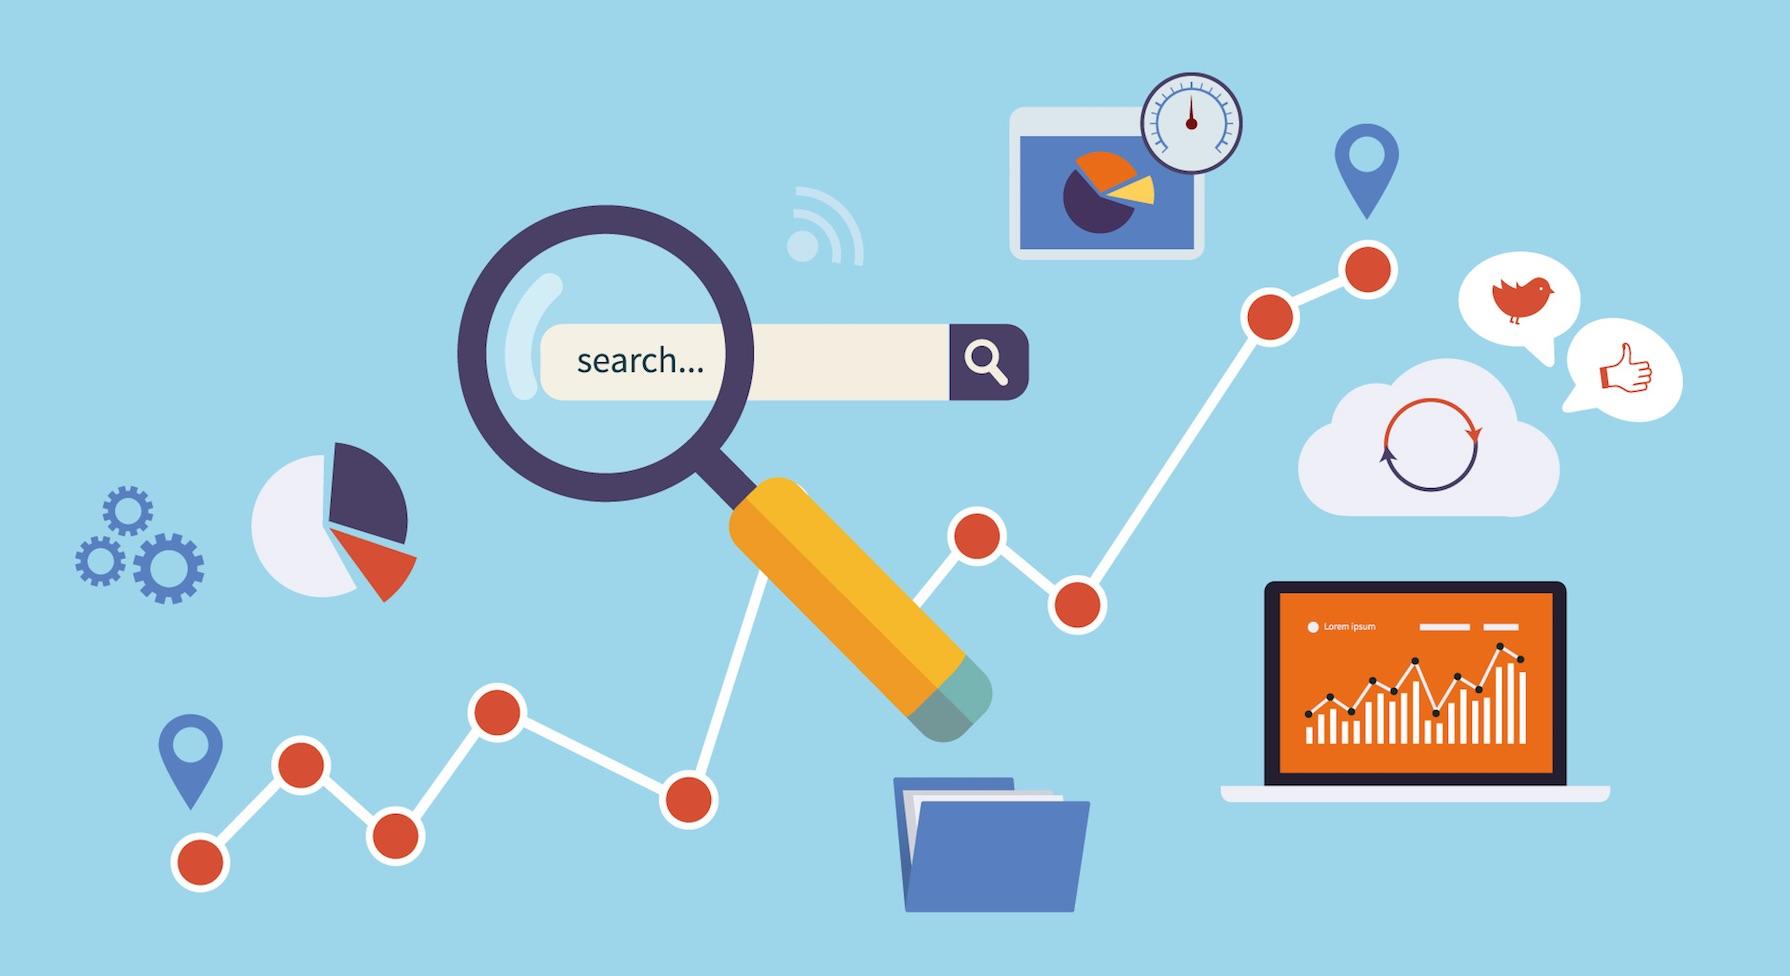 Social Marketing và SEO là những công cụ không thể thay thế trong kinh doanh ngày nay.